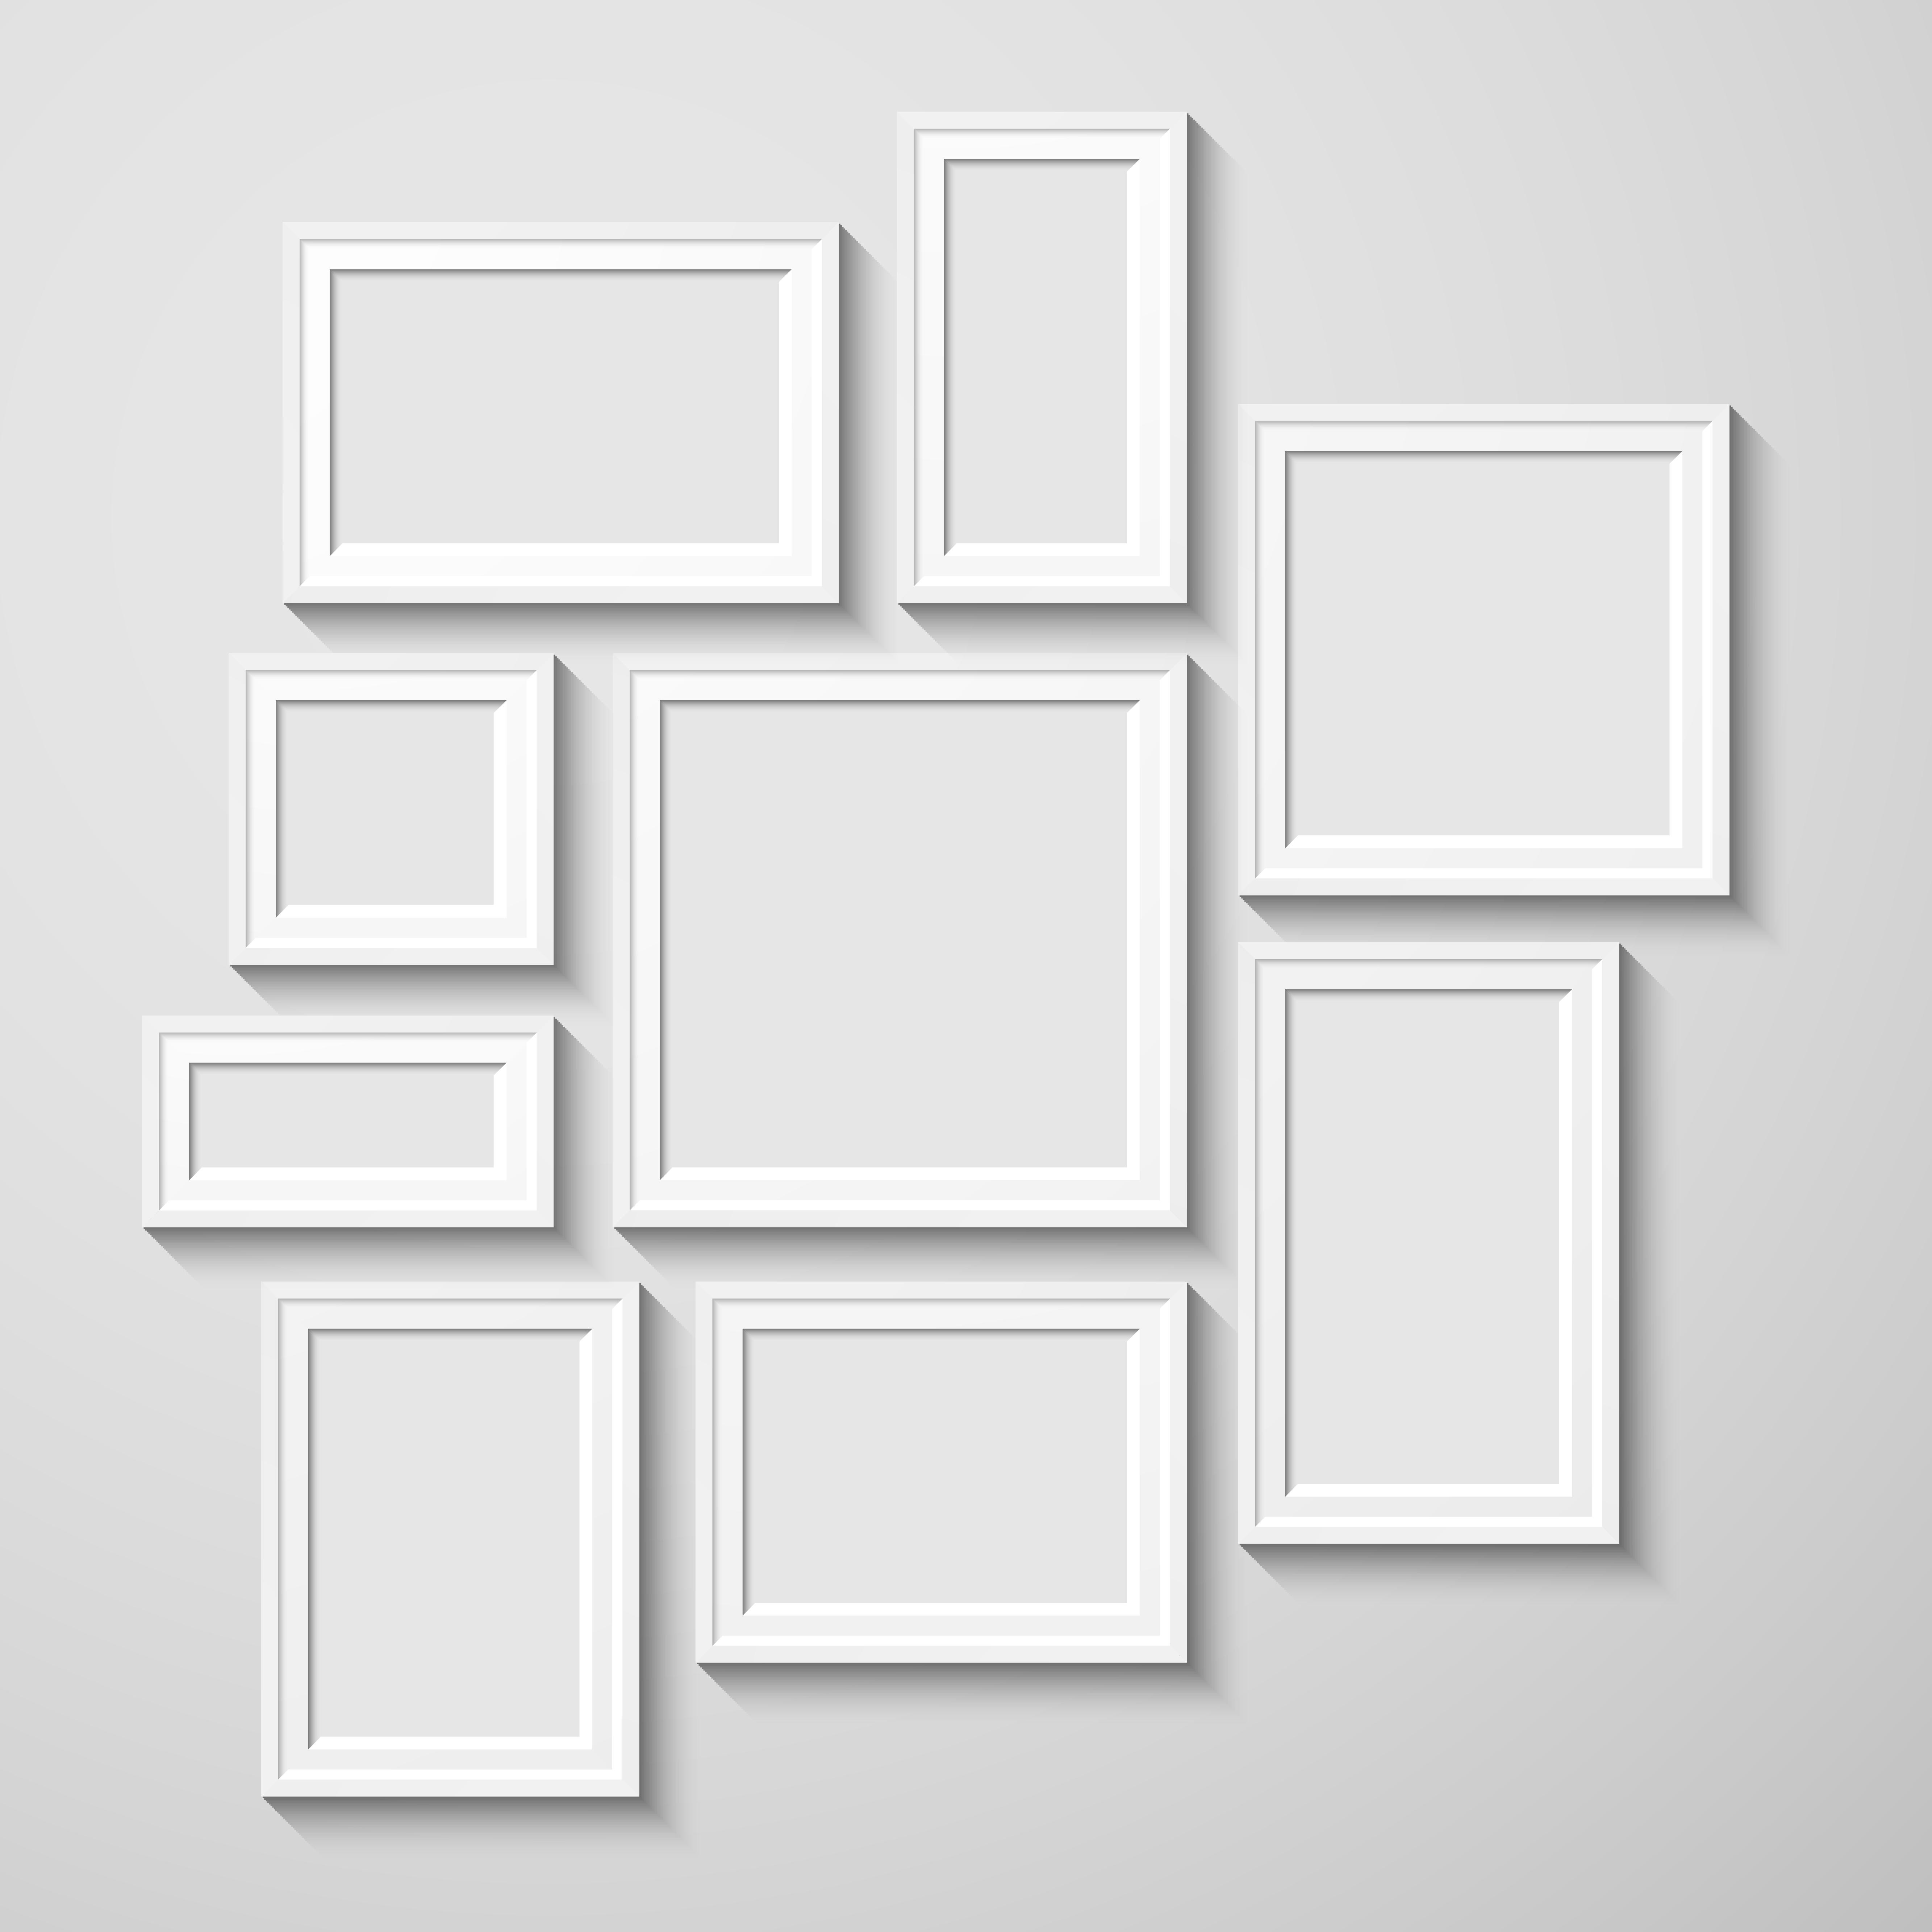 Como elegir el marco adecuado para un cuadro